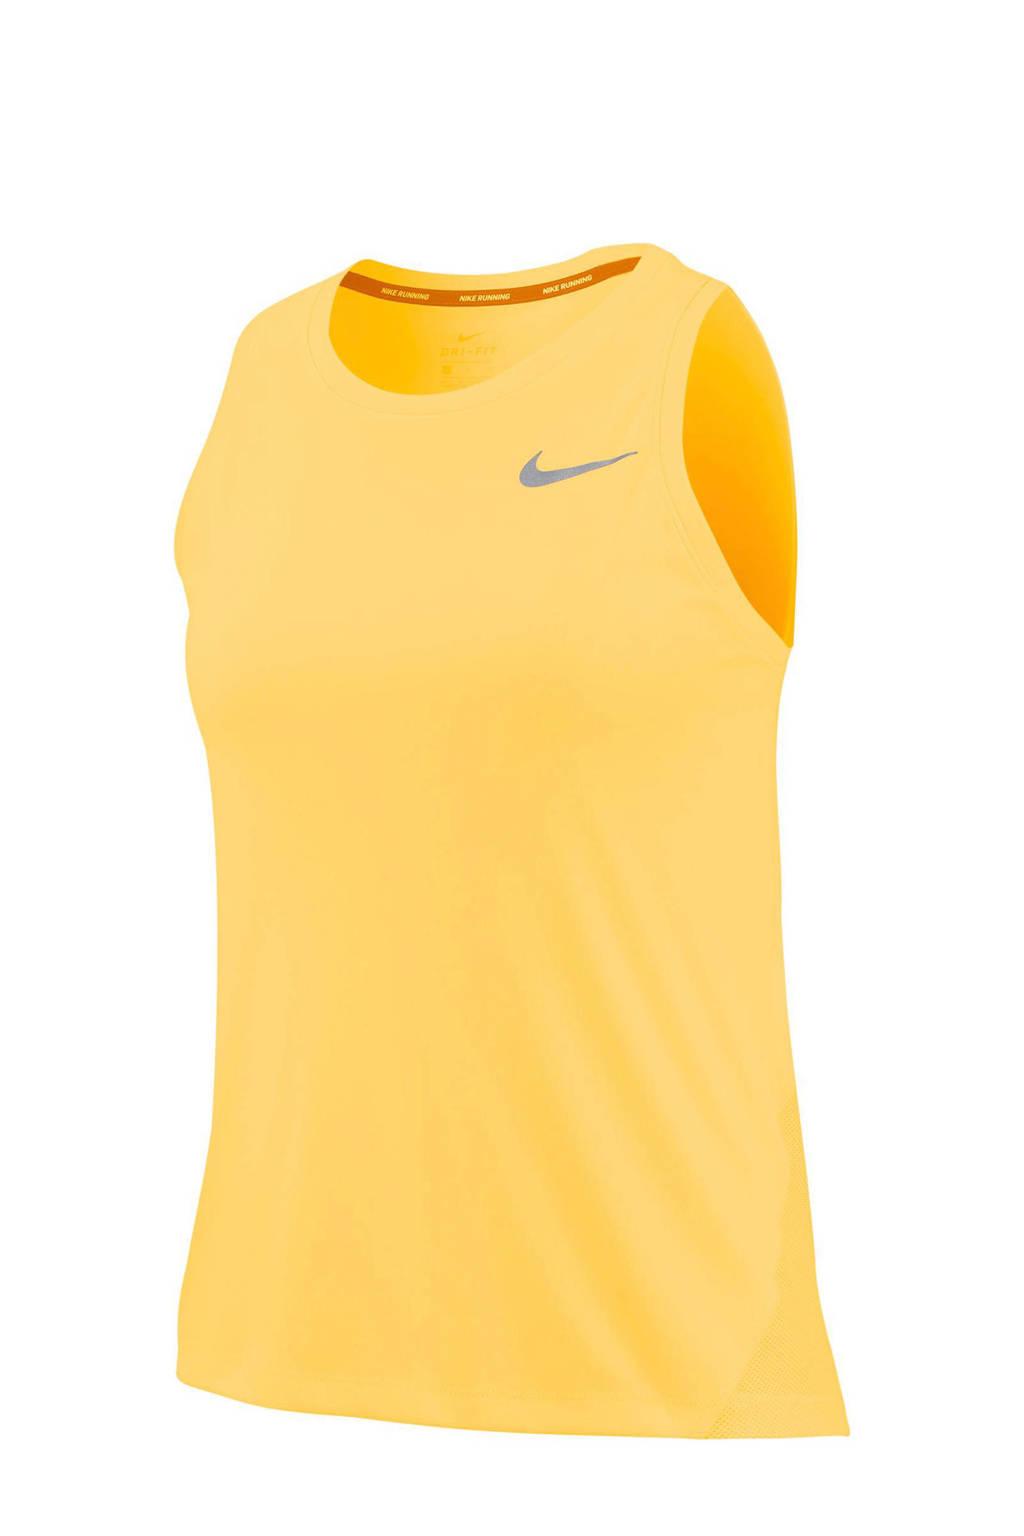 Nike hardloop T-shirt geel, Geel